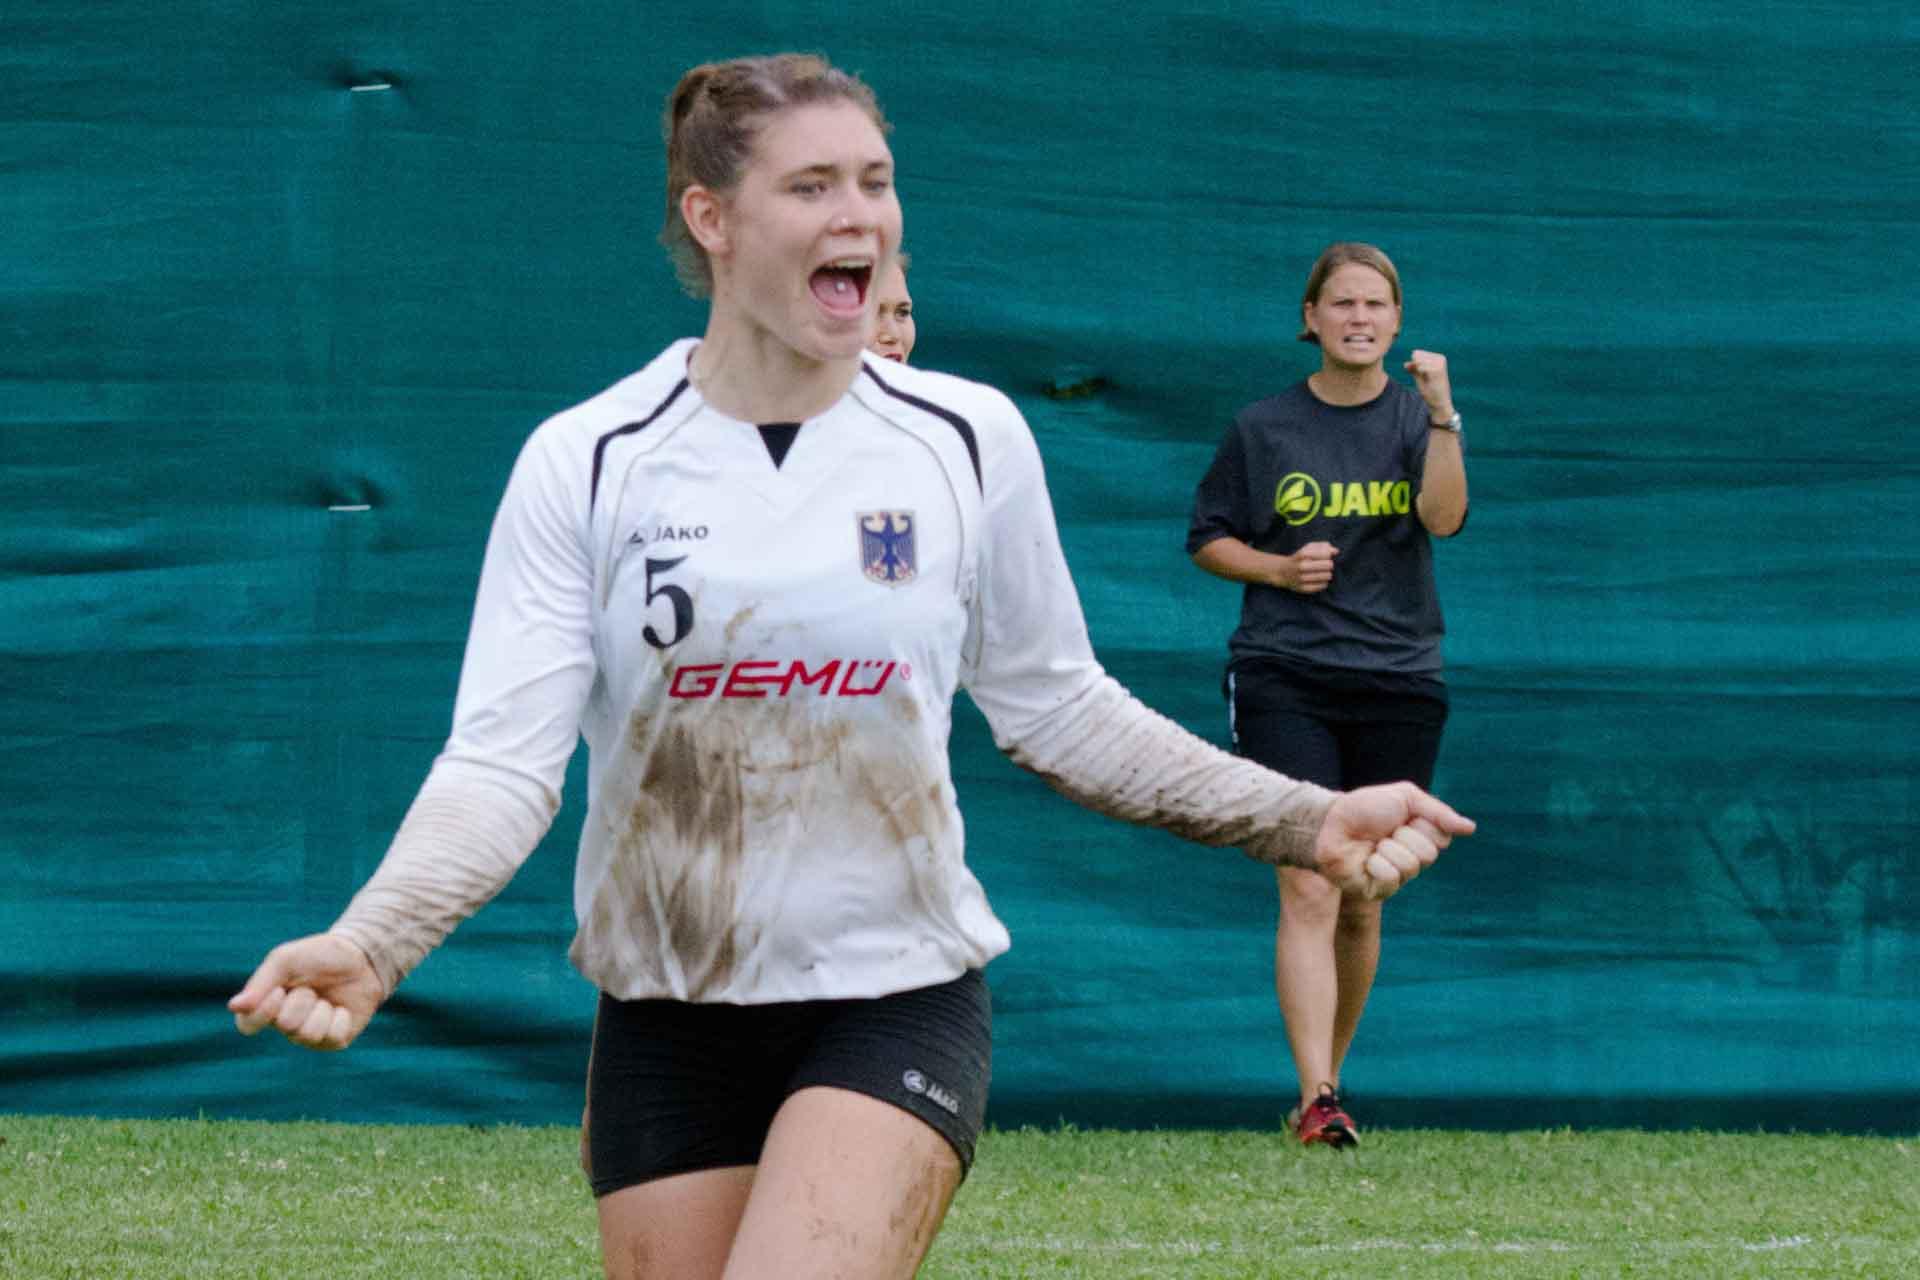 Gewonnen! Stephanie Dannecker und Co-Trainerin Eva Krämer ballen die Fäuste (Foto: Spille)